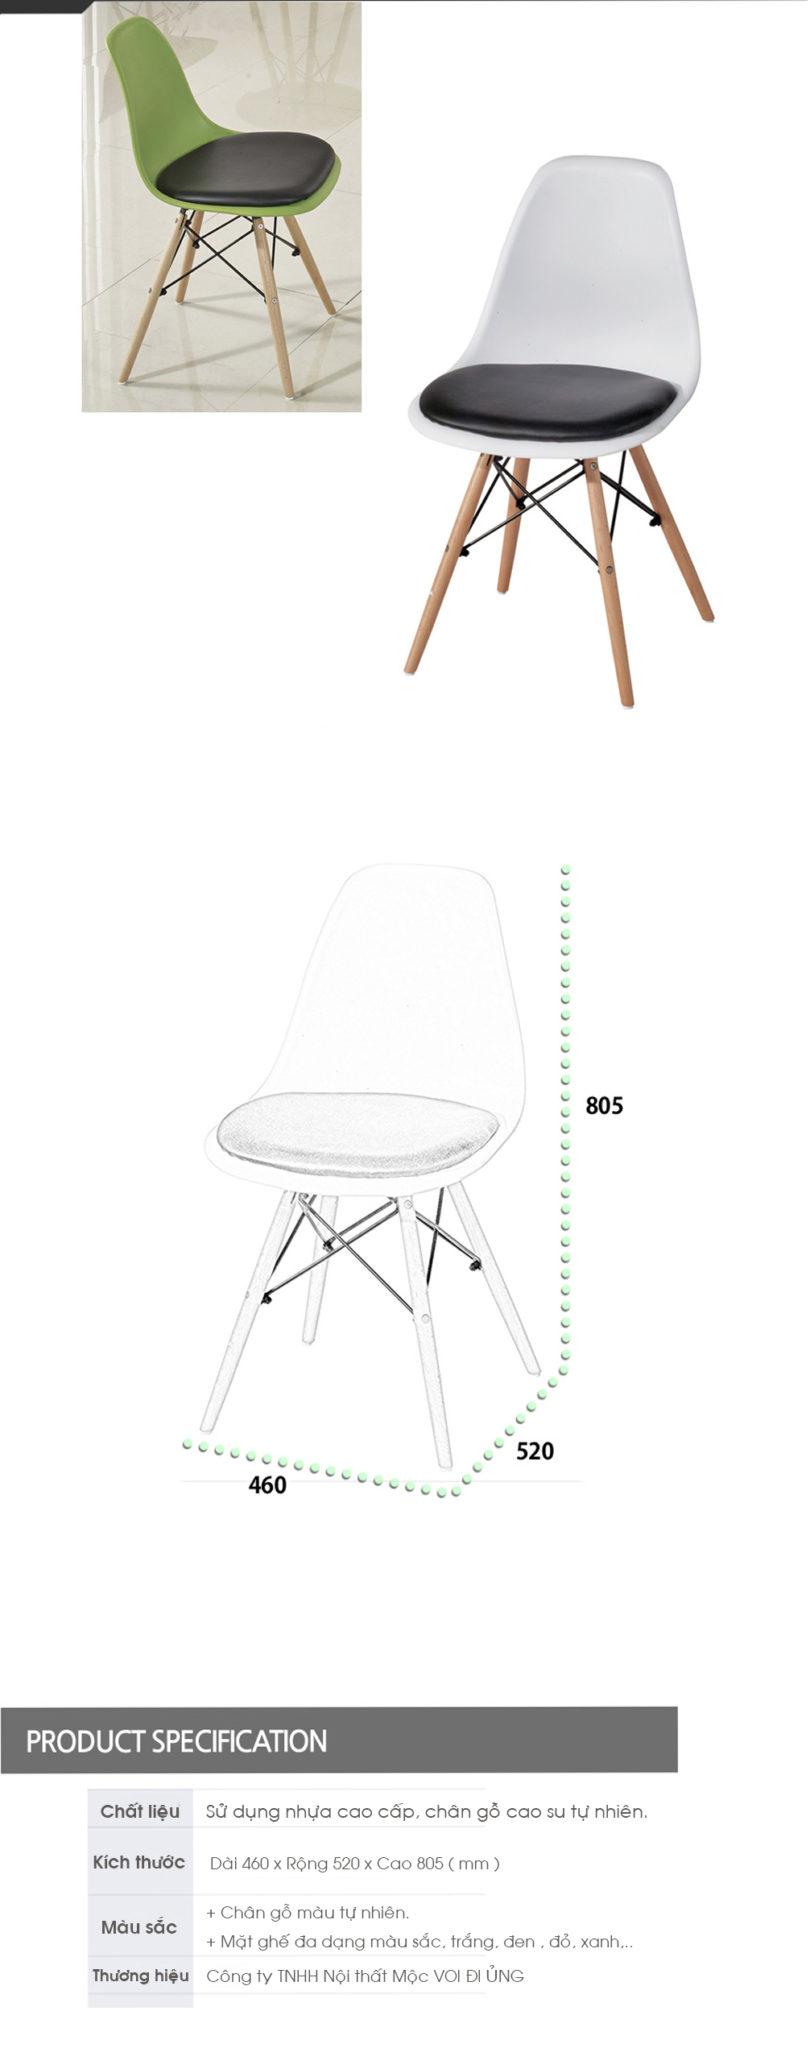 Ghế nhựa cao cấp đẹp thiết kế đơn giản nhưng vẫn giữ được phong thaasi nhất định.